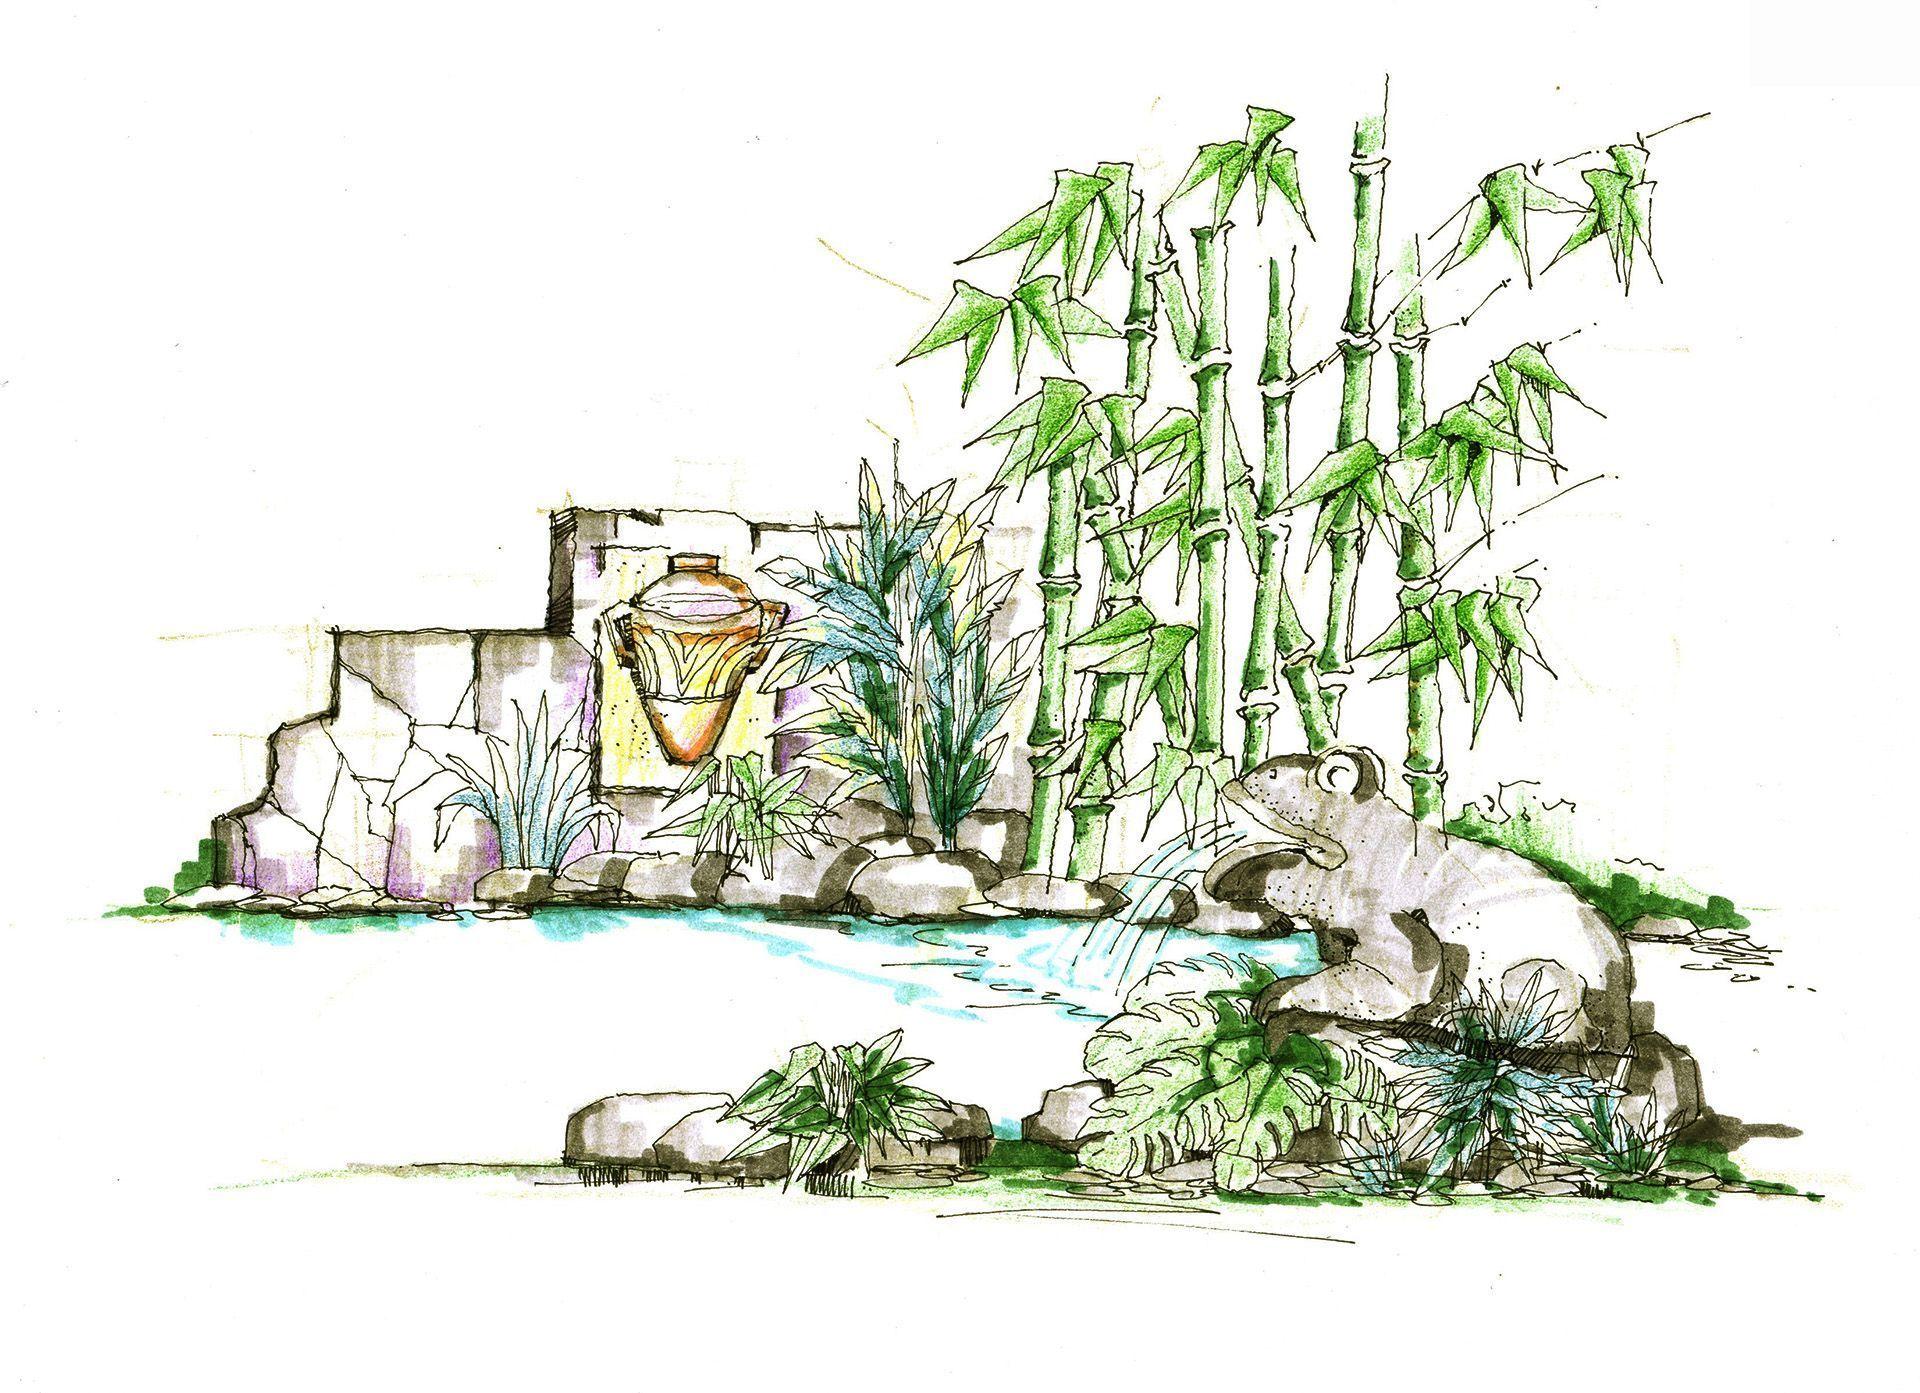 庭院假山喷泉景观手绘设计效果图